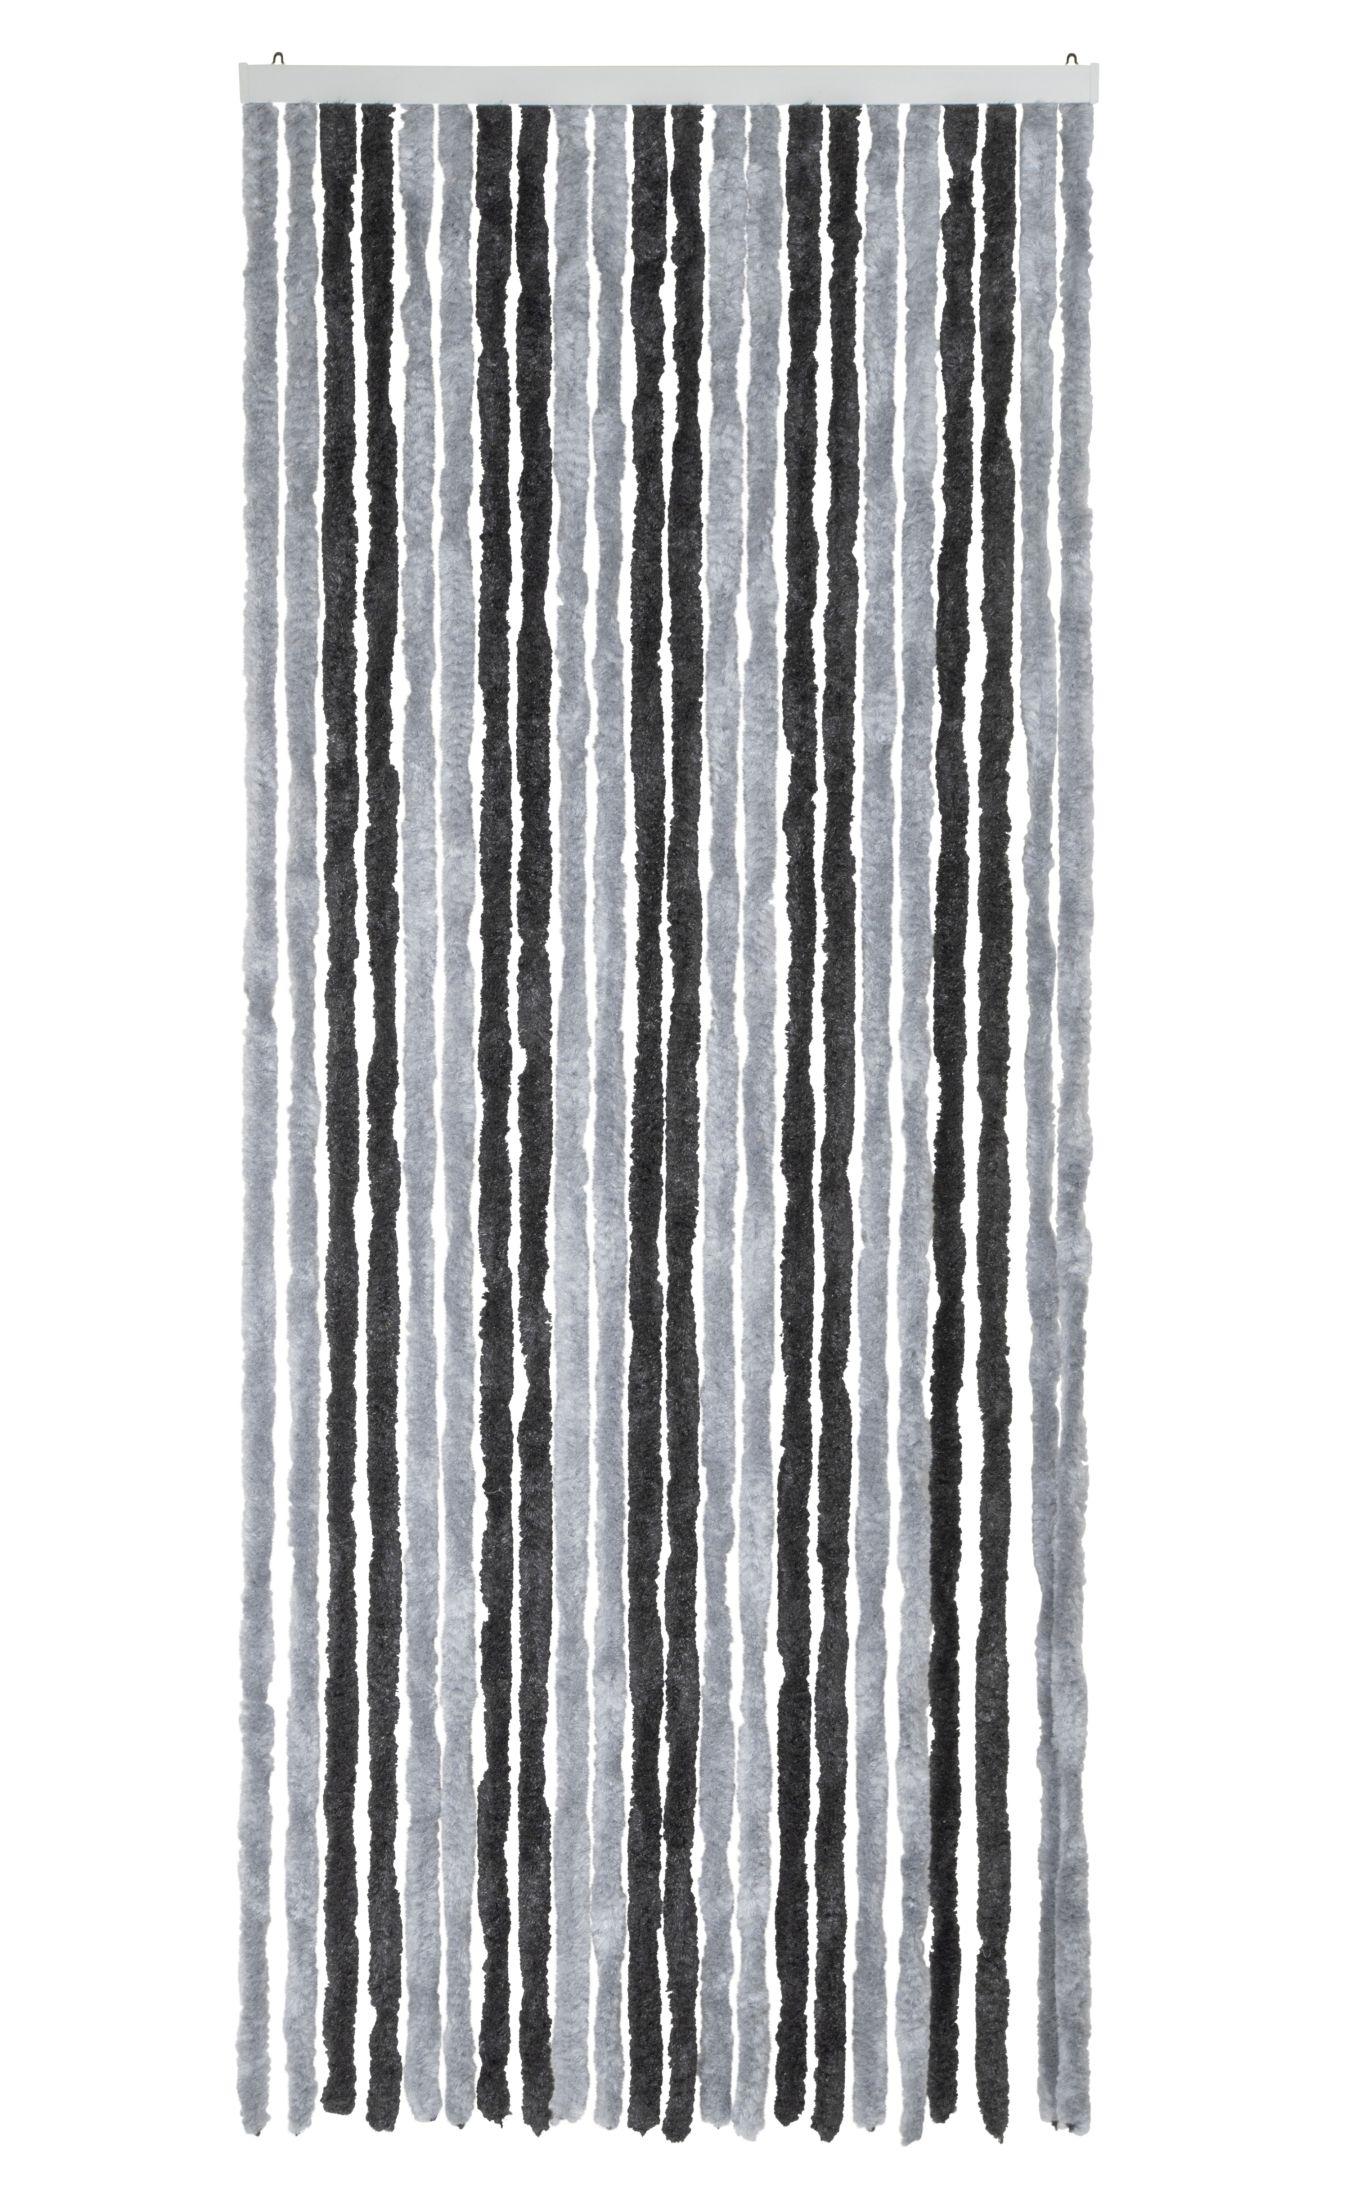 Arisol Vliegengordijn 56x185